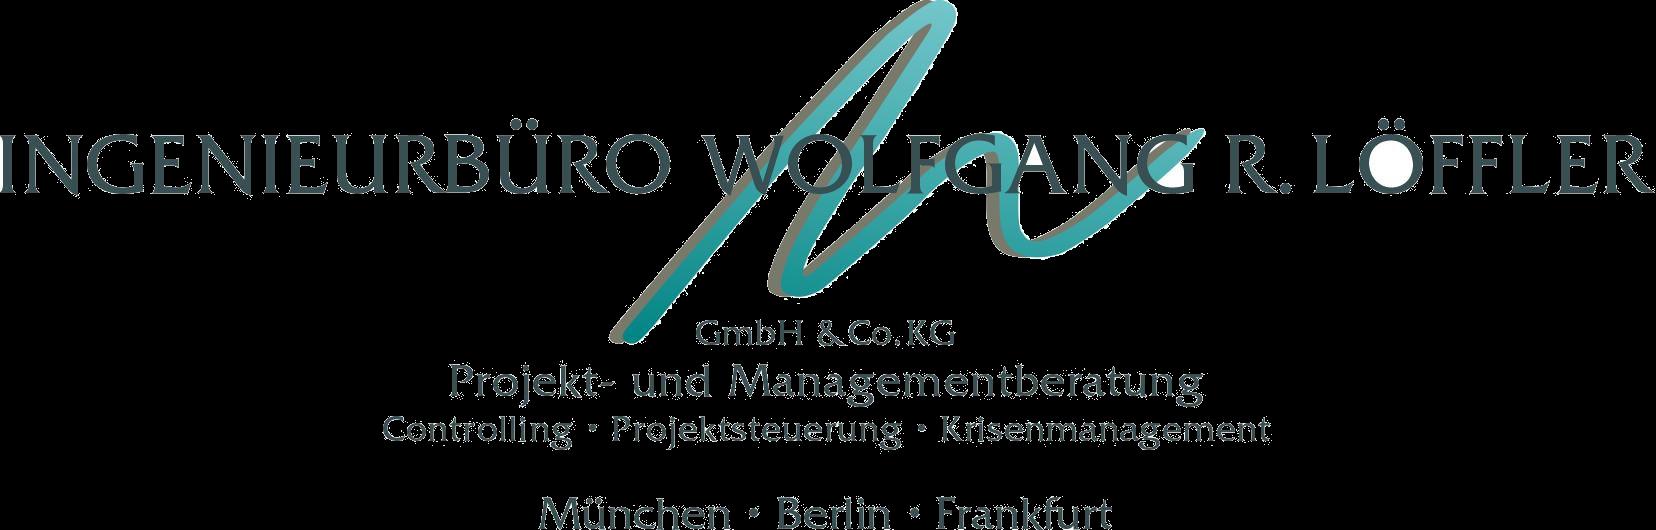 Ingenieurbüro W.R. Löffler GmbH & Co. KG